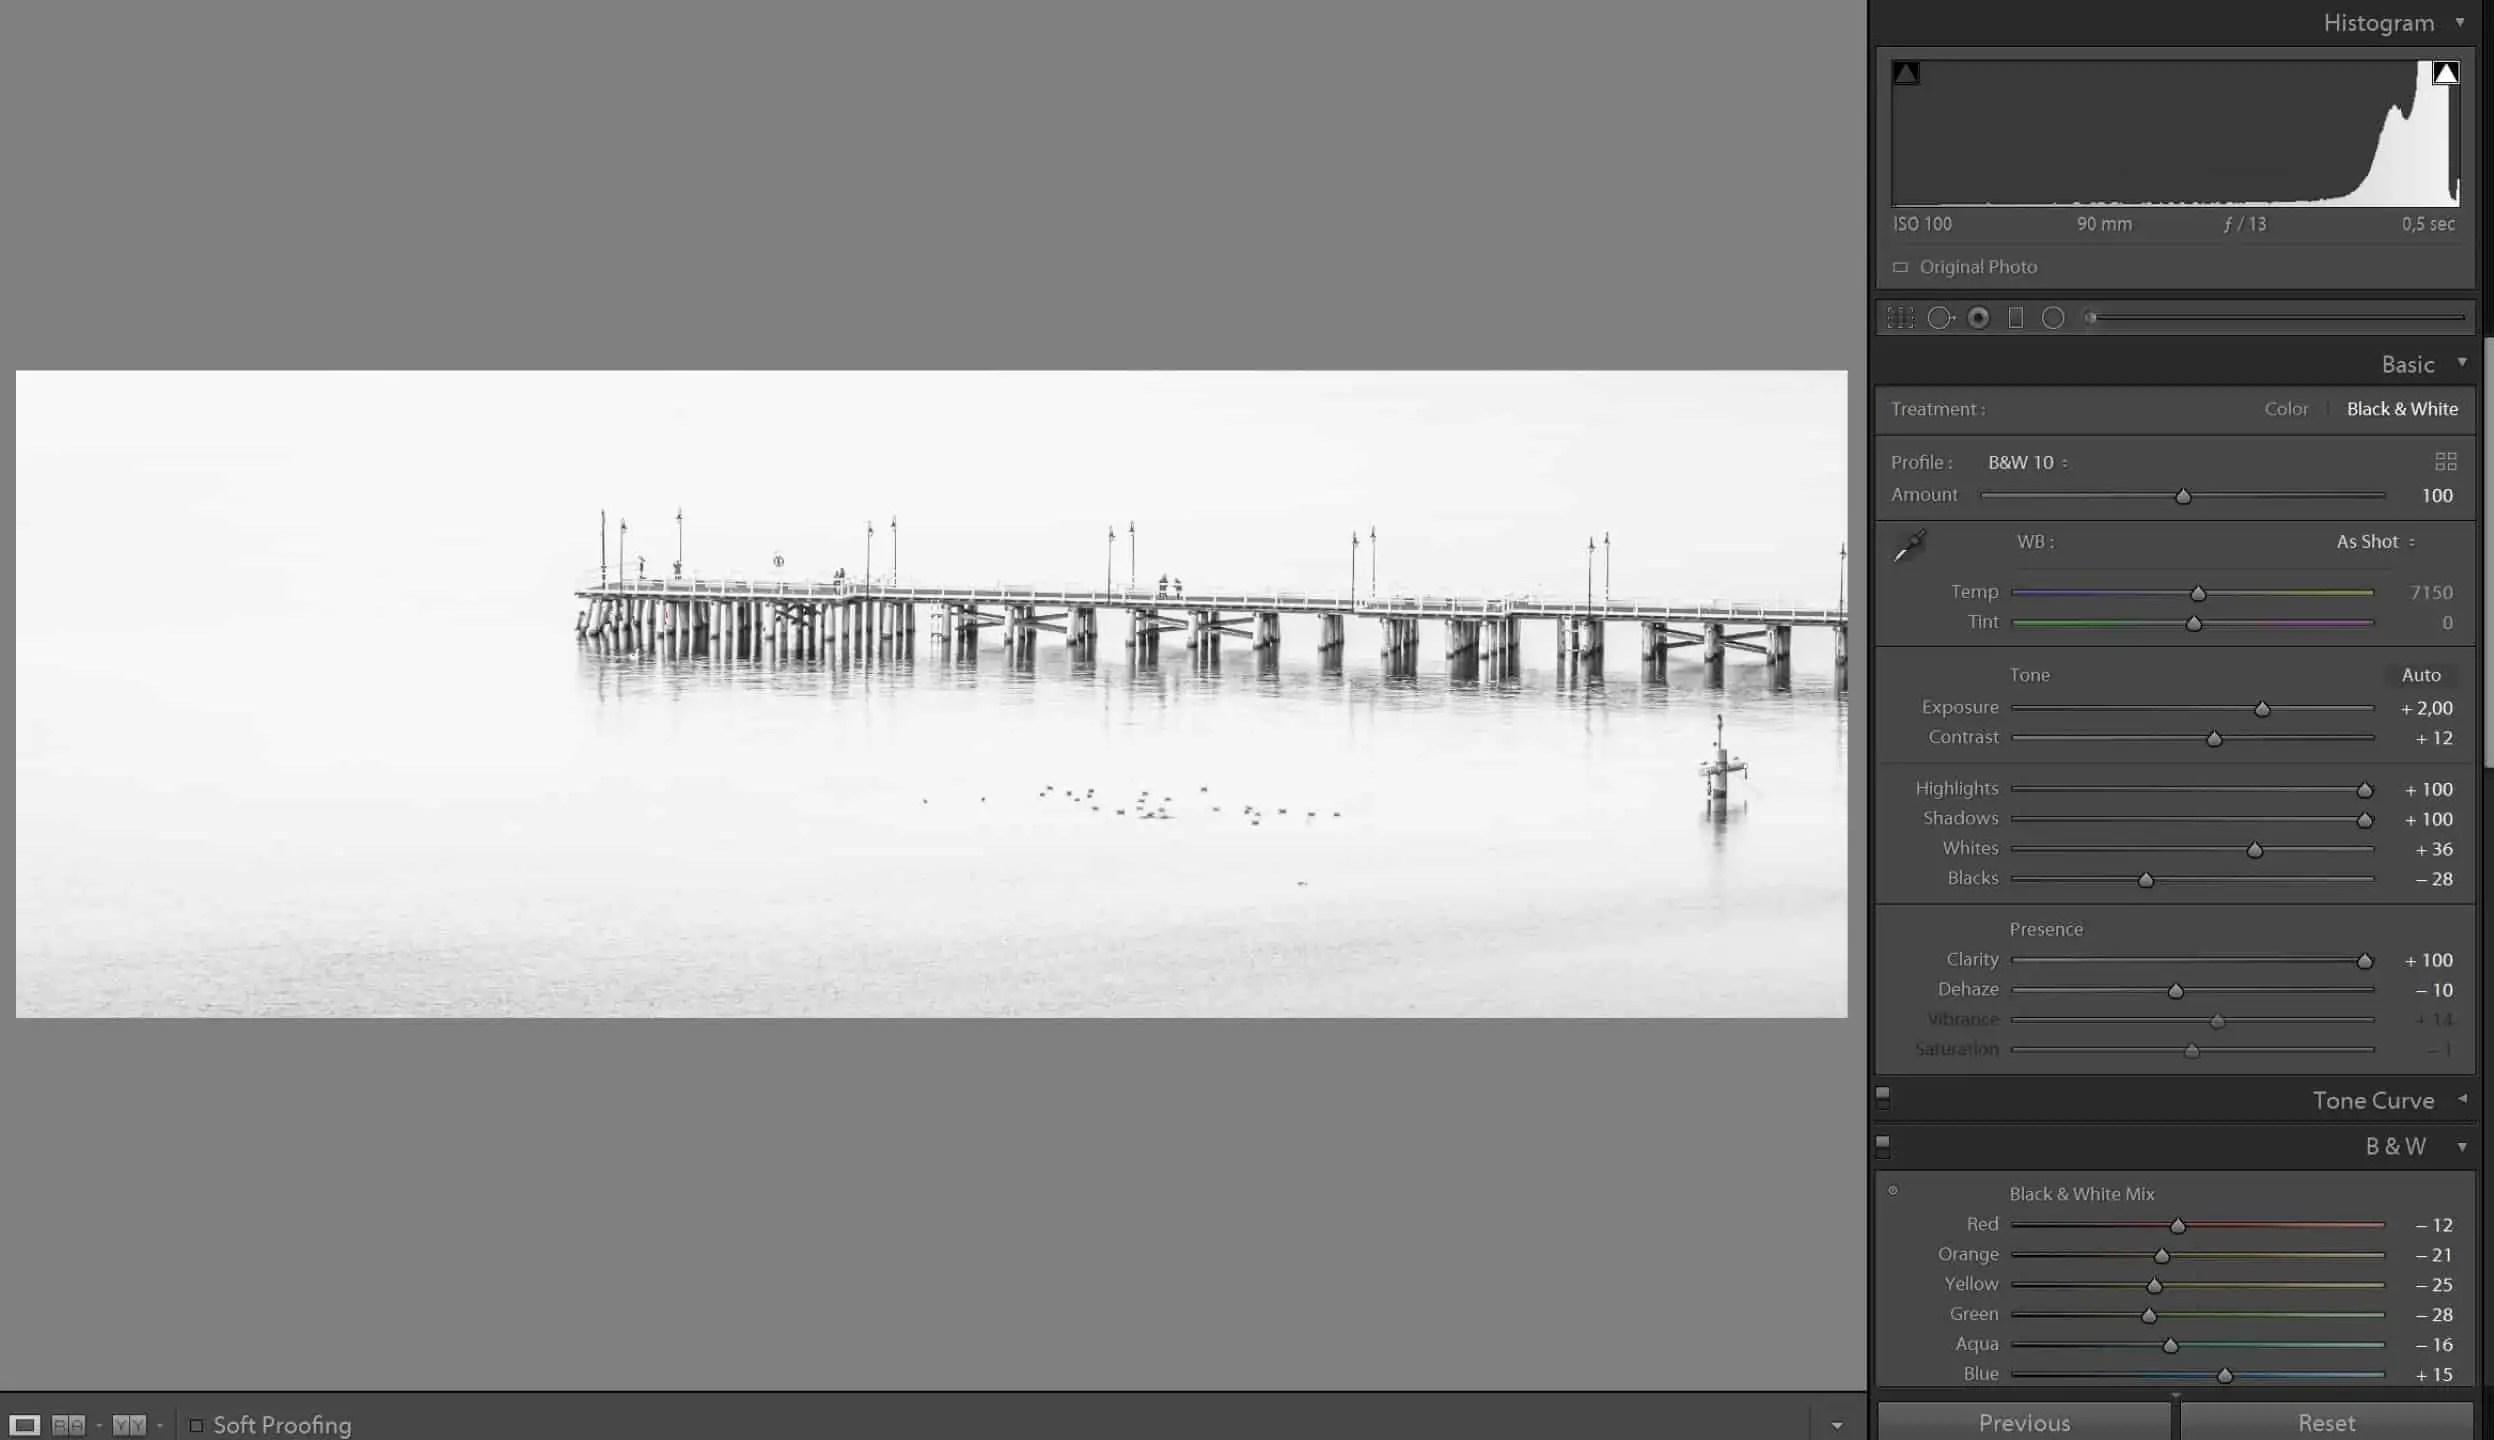 Biale zdjecie krajobraz morski Gdynia Orlowo - Białe zdjęcie - co to jest ? 8 odpowiedzi